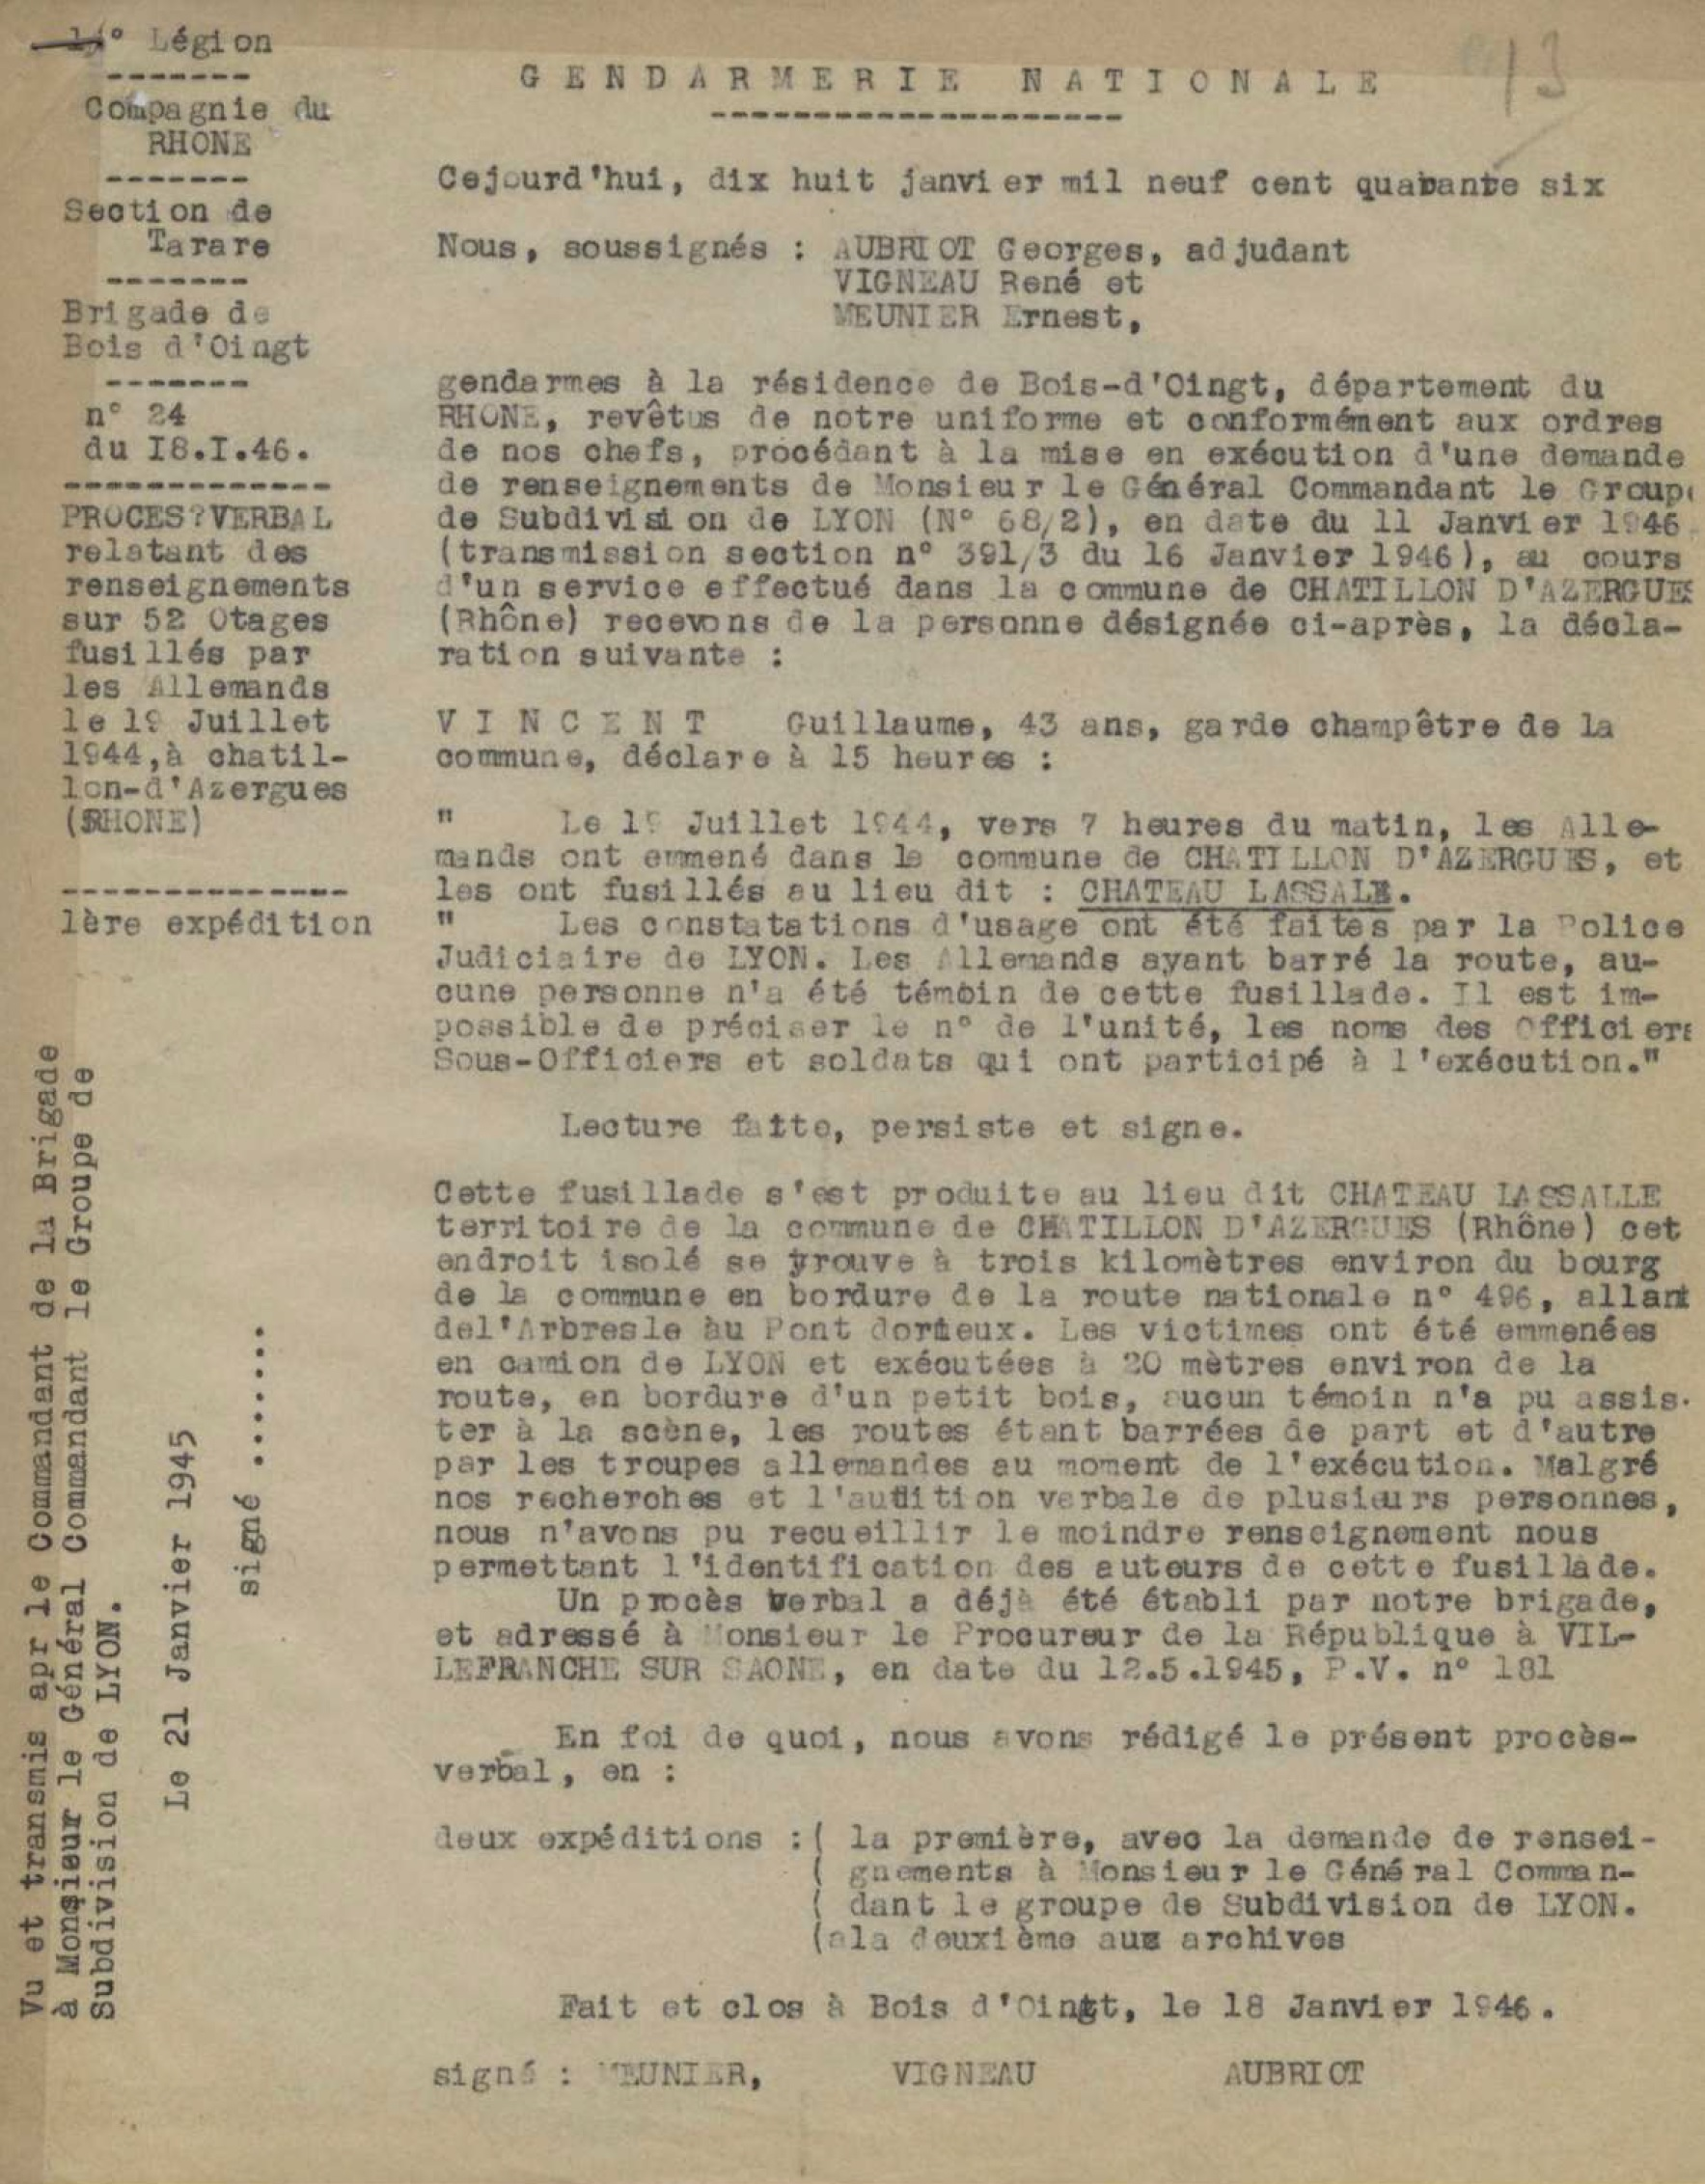 Procès verbal du 18/01/1946 sur les 52 fusillés de Chatillons d'azergues